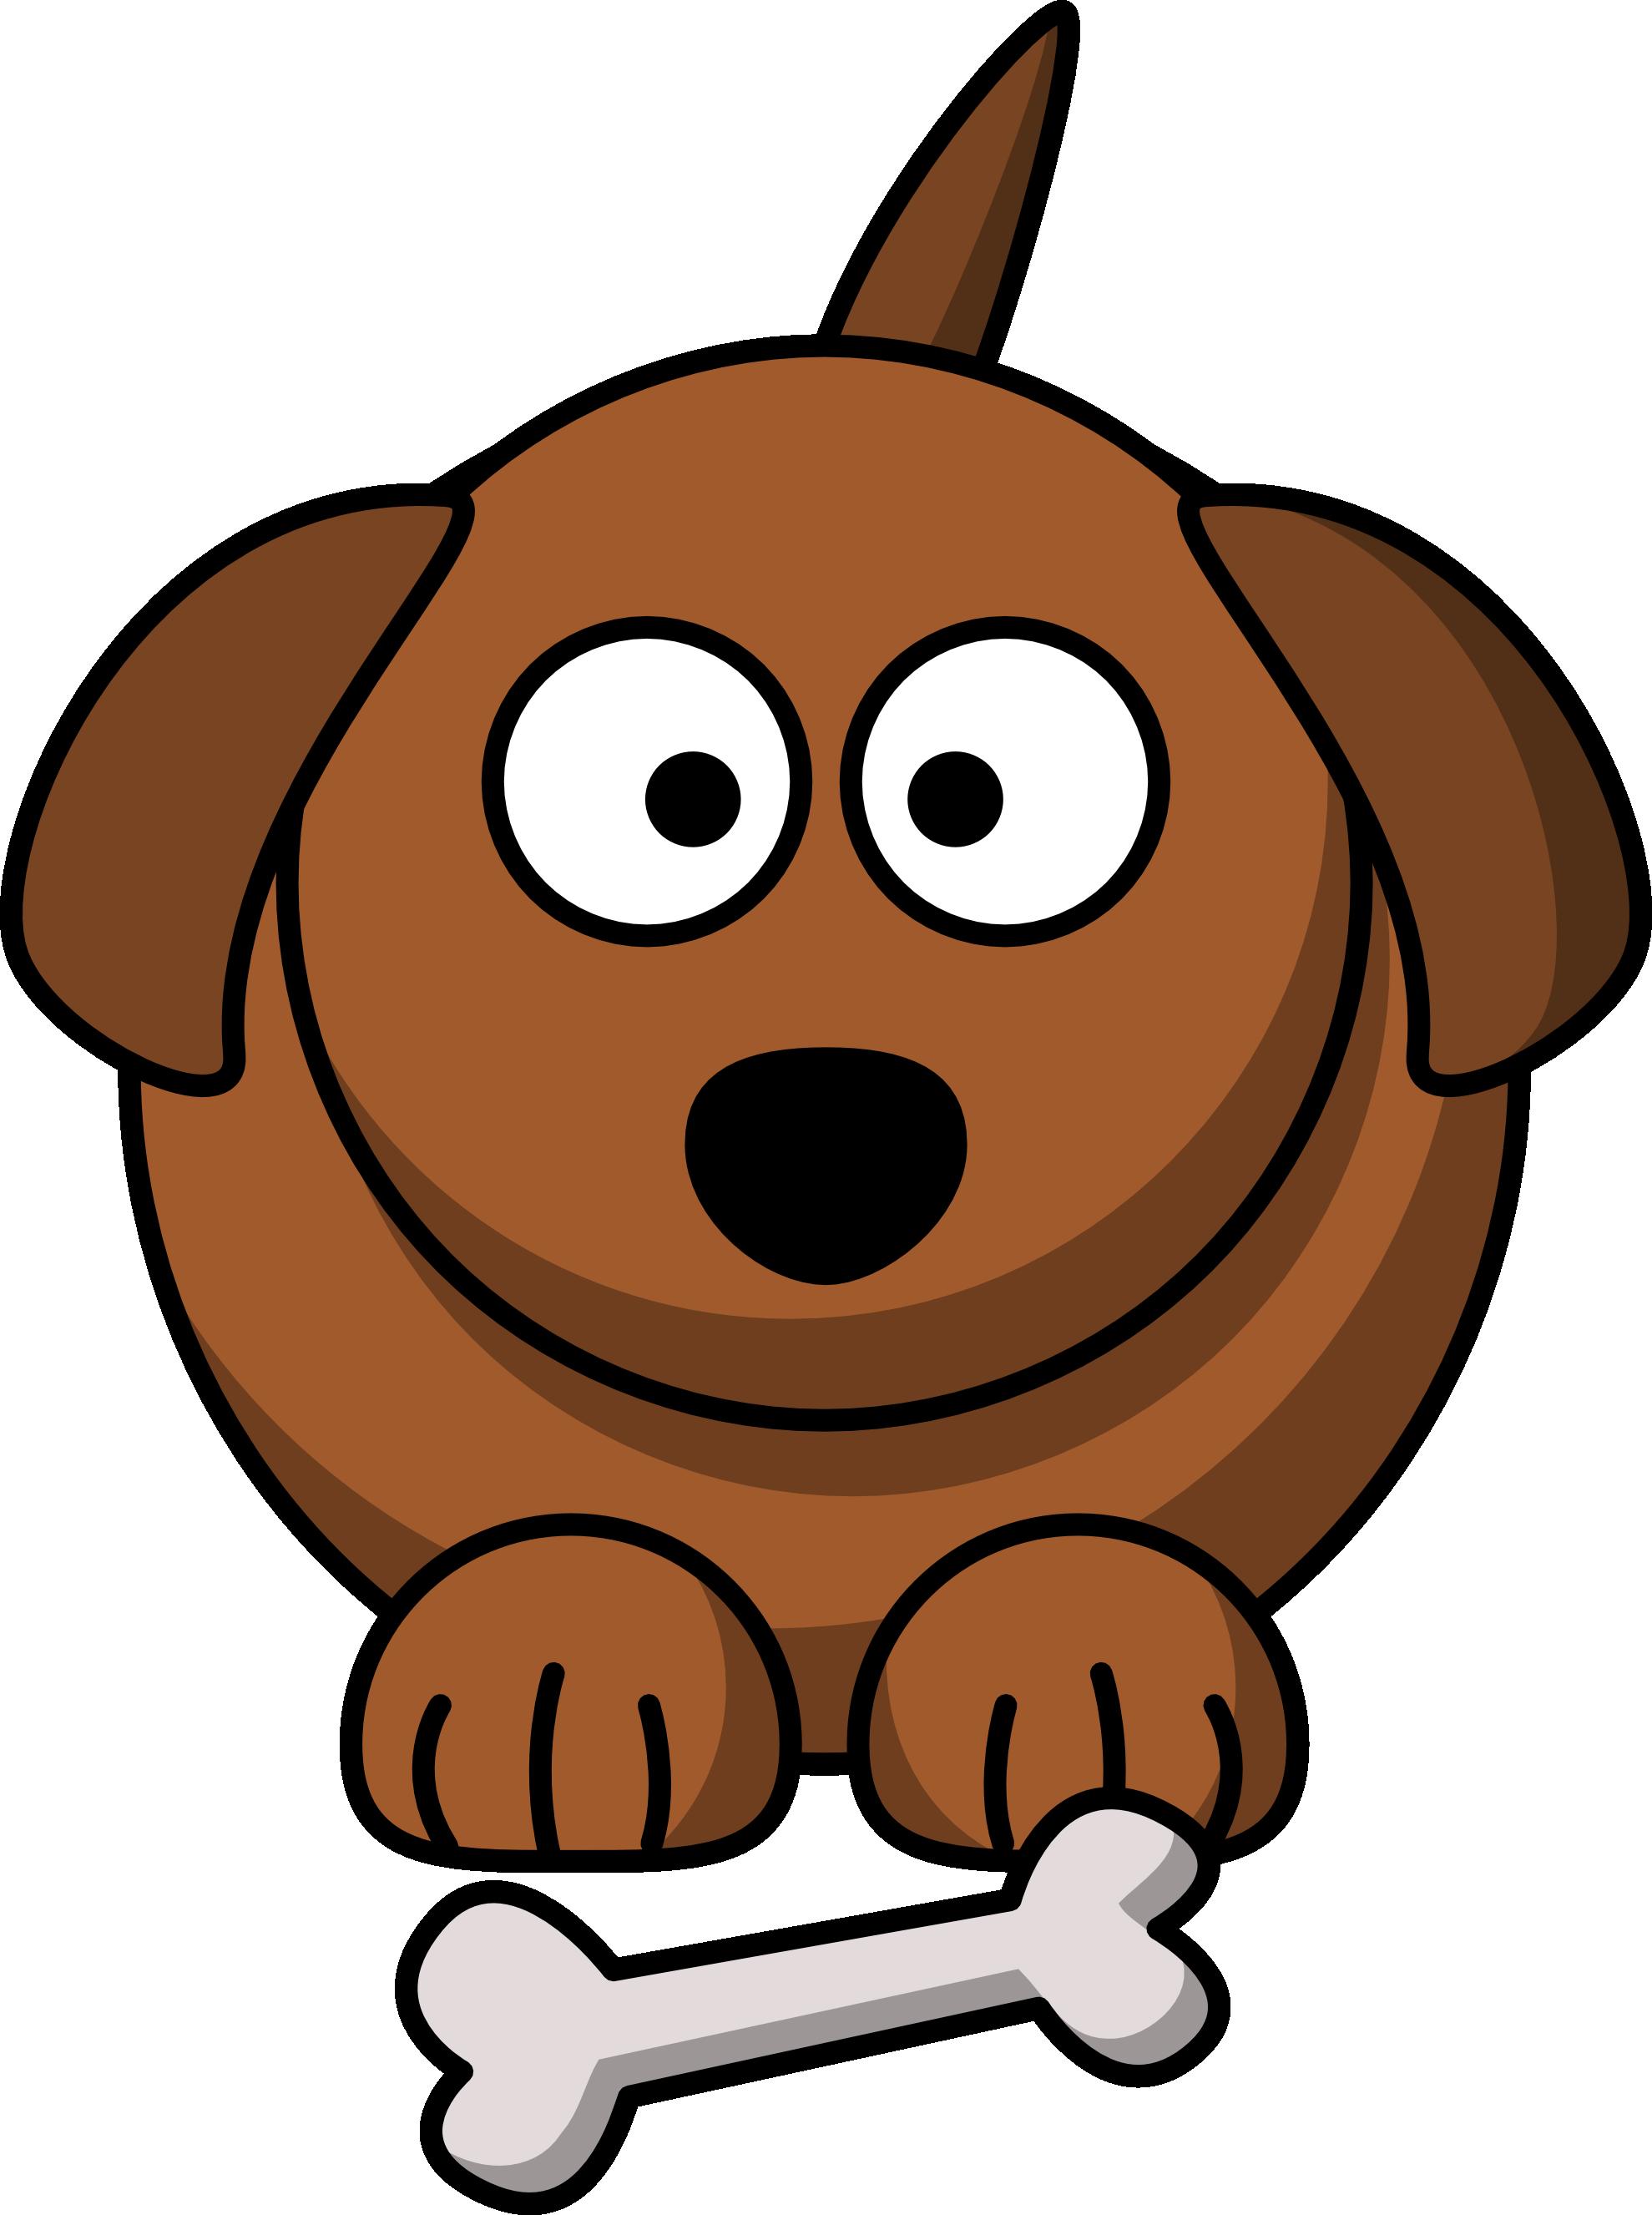 Pets clipart sad #2